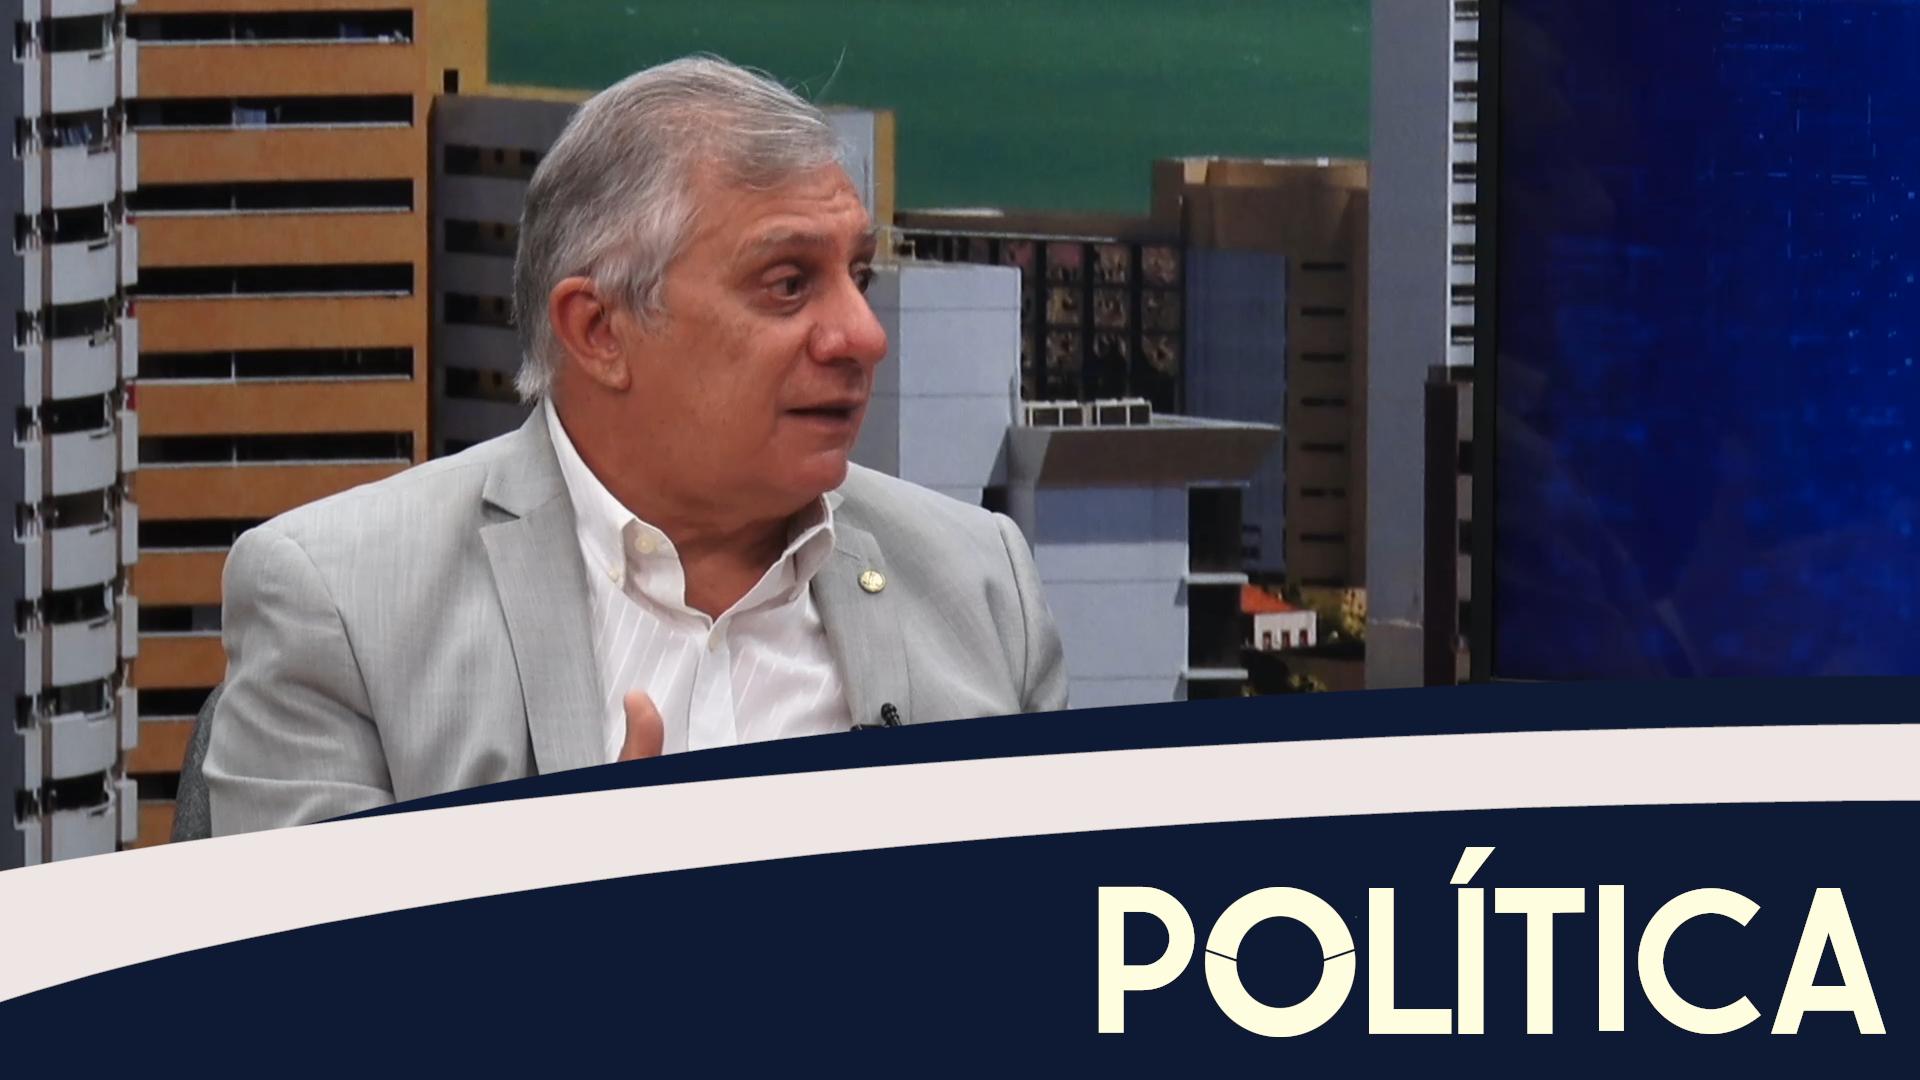 Política entrevista, José Airton, Dep. Federal (PT-CE)